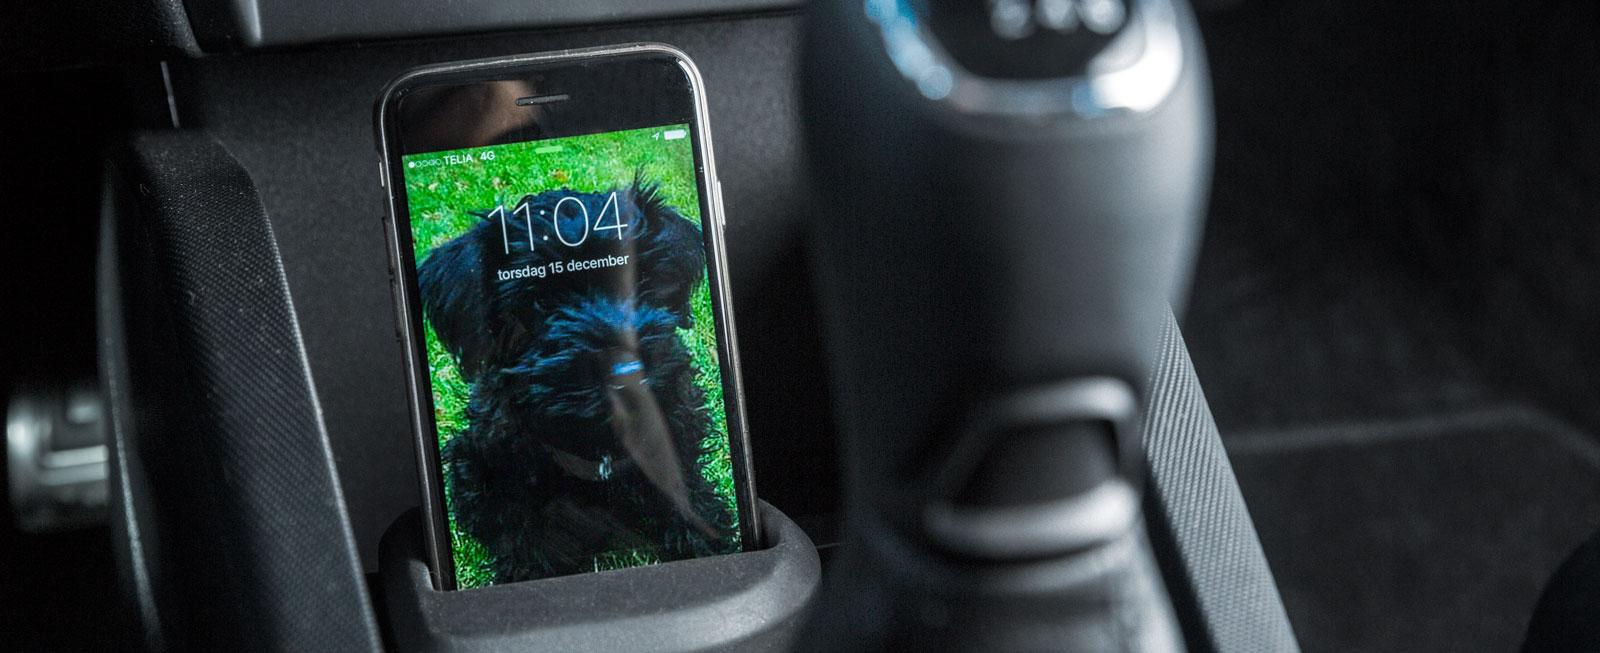 Den löstagbara hållaren för mobiltelefon är en uppskattad detalj. Skoda är ensam i testet om sexväxlad låda.